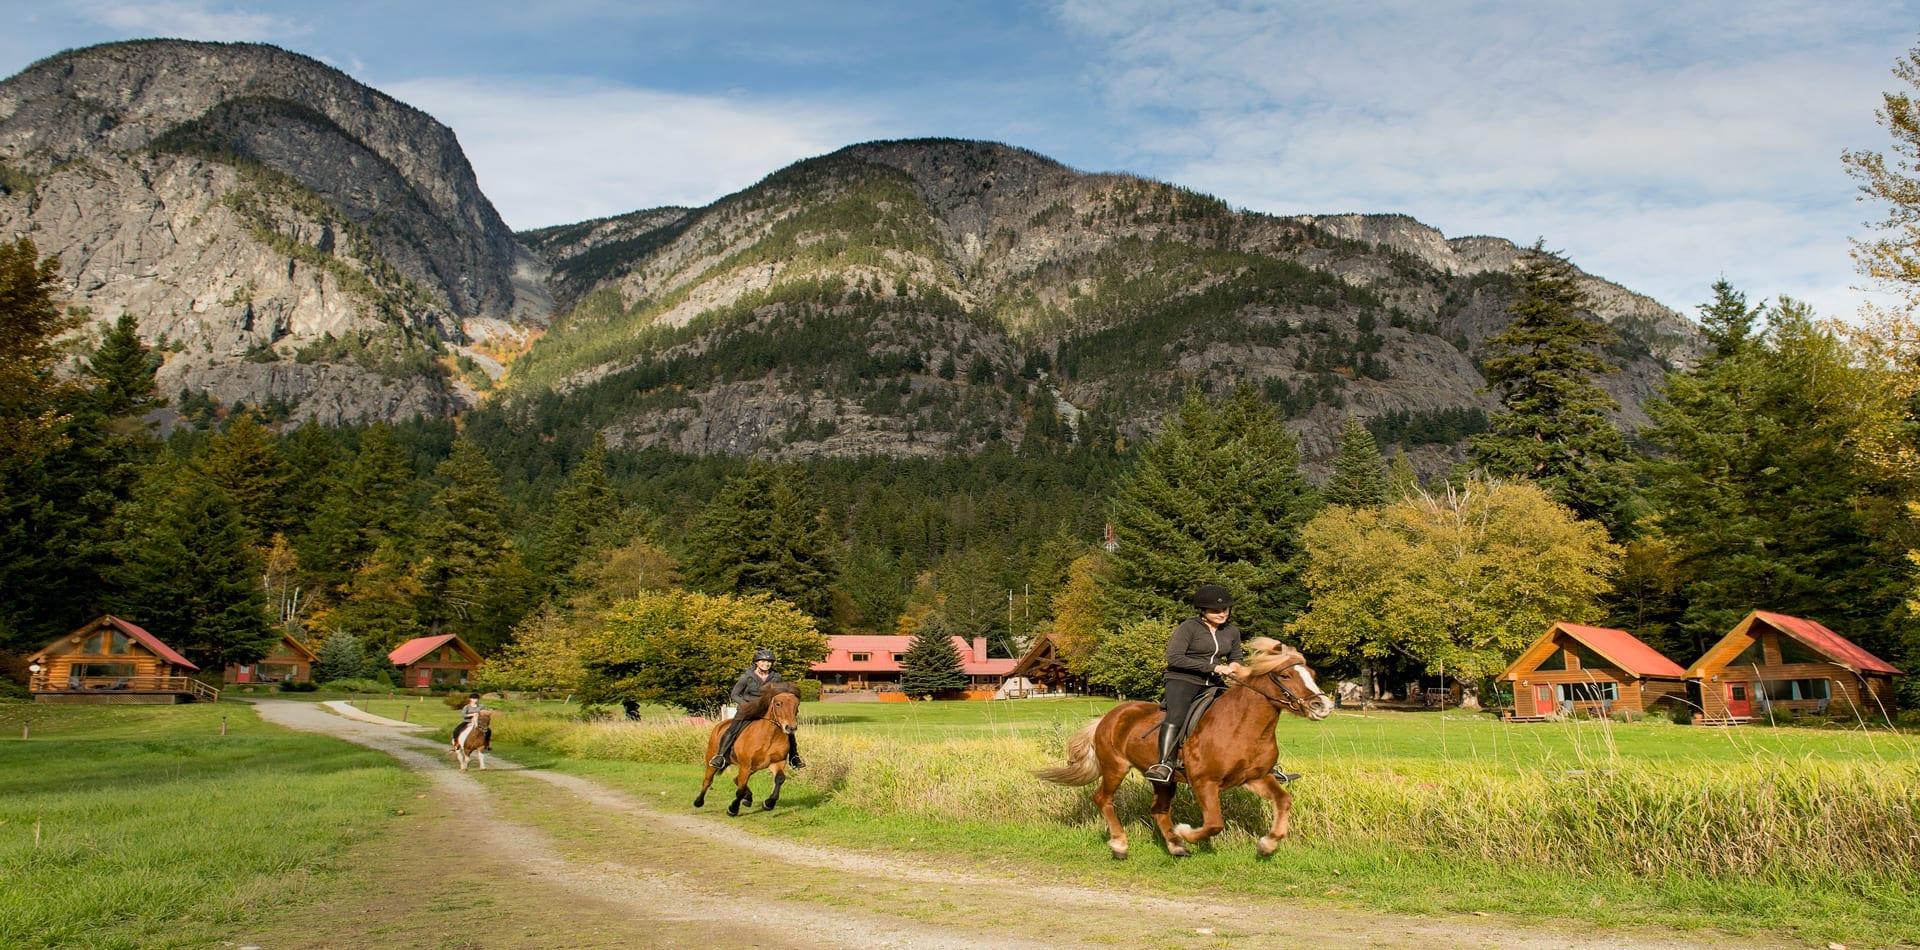 HERO Canada Tweedsmuir Park Lodge